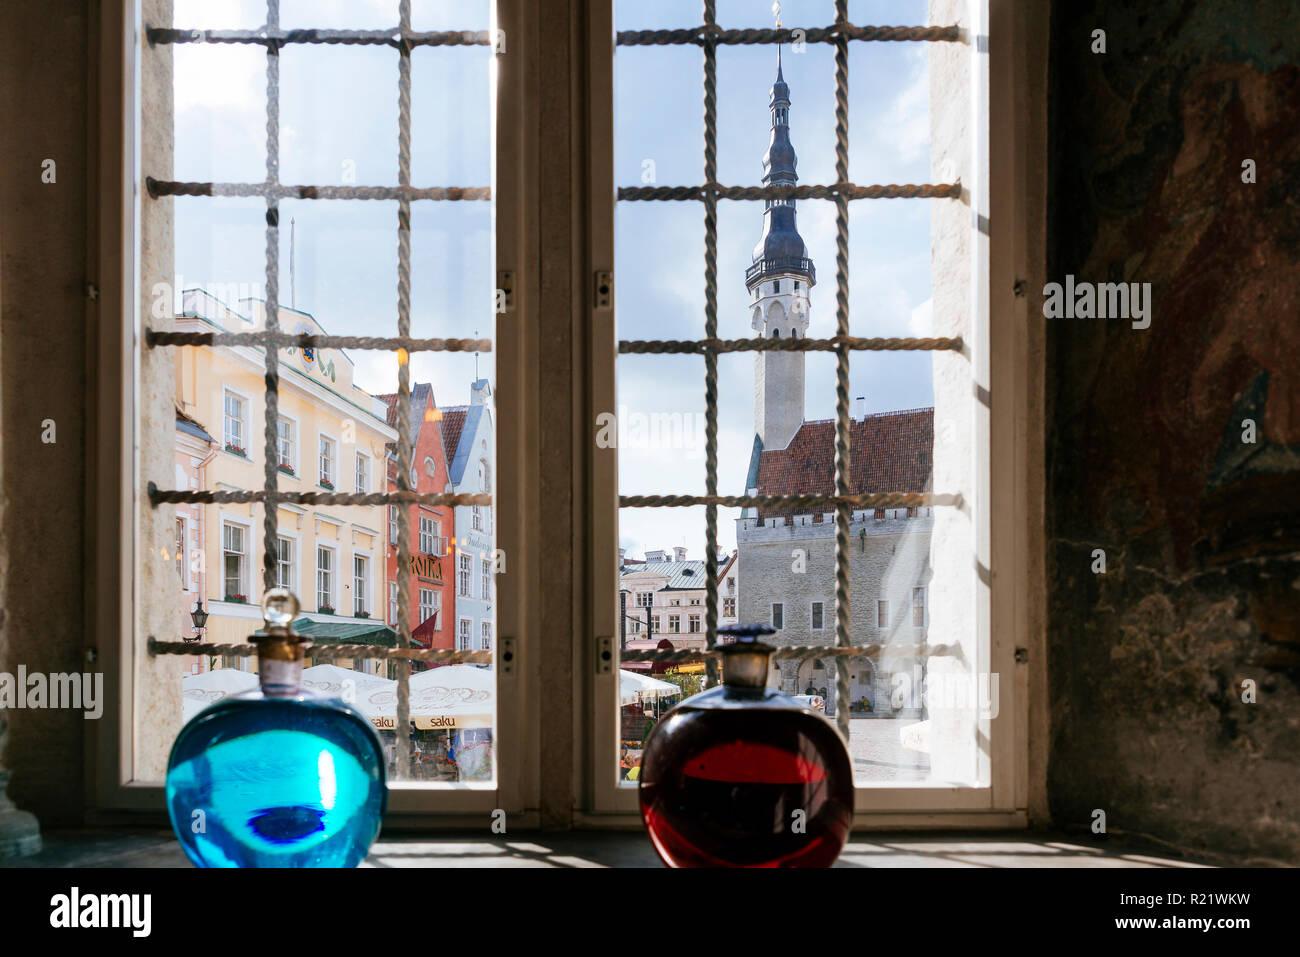 La piazza del municipio si vede da una finestra di farmacia. Tallinn, Harju County, Estonia, paesi baltici, Europa. Foto Stock